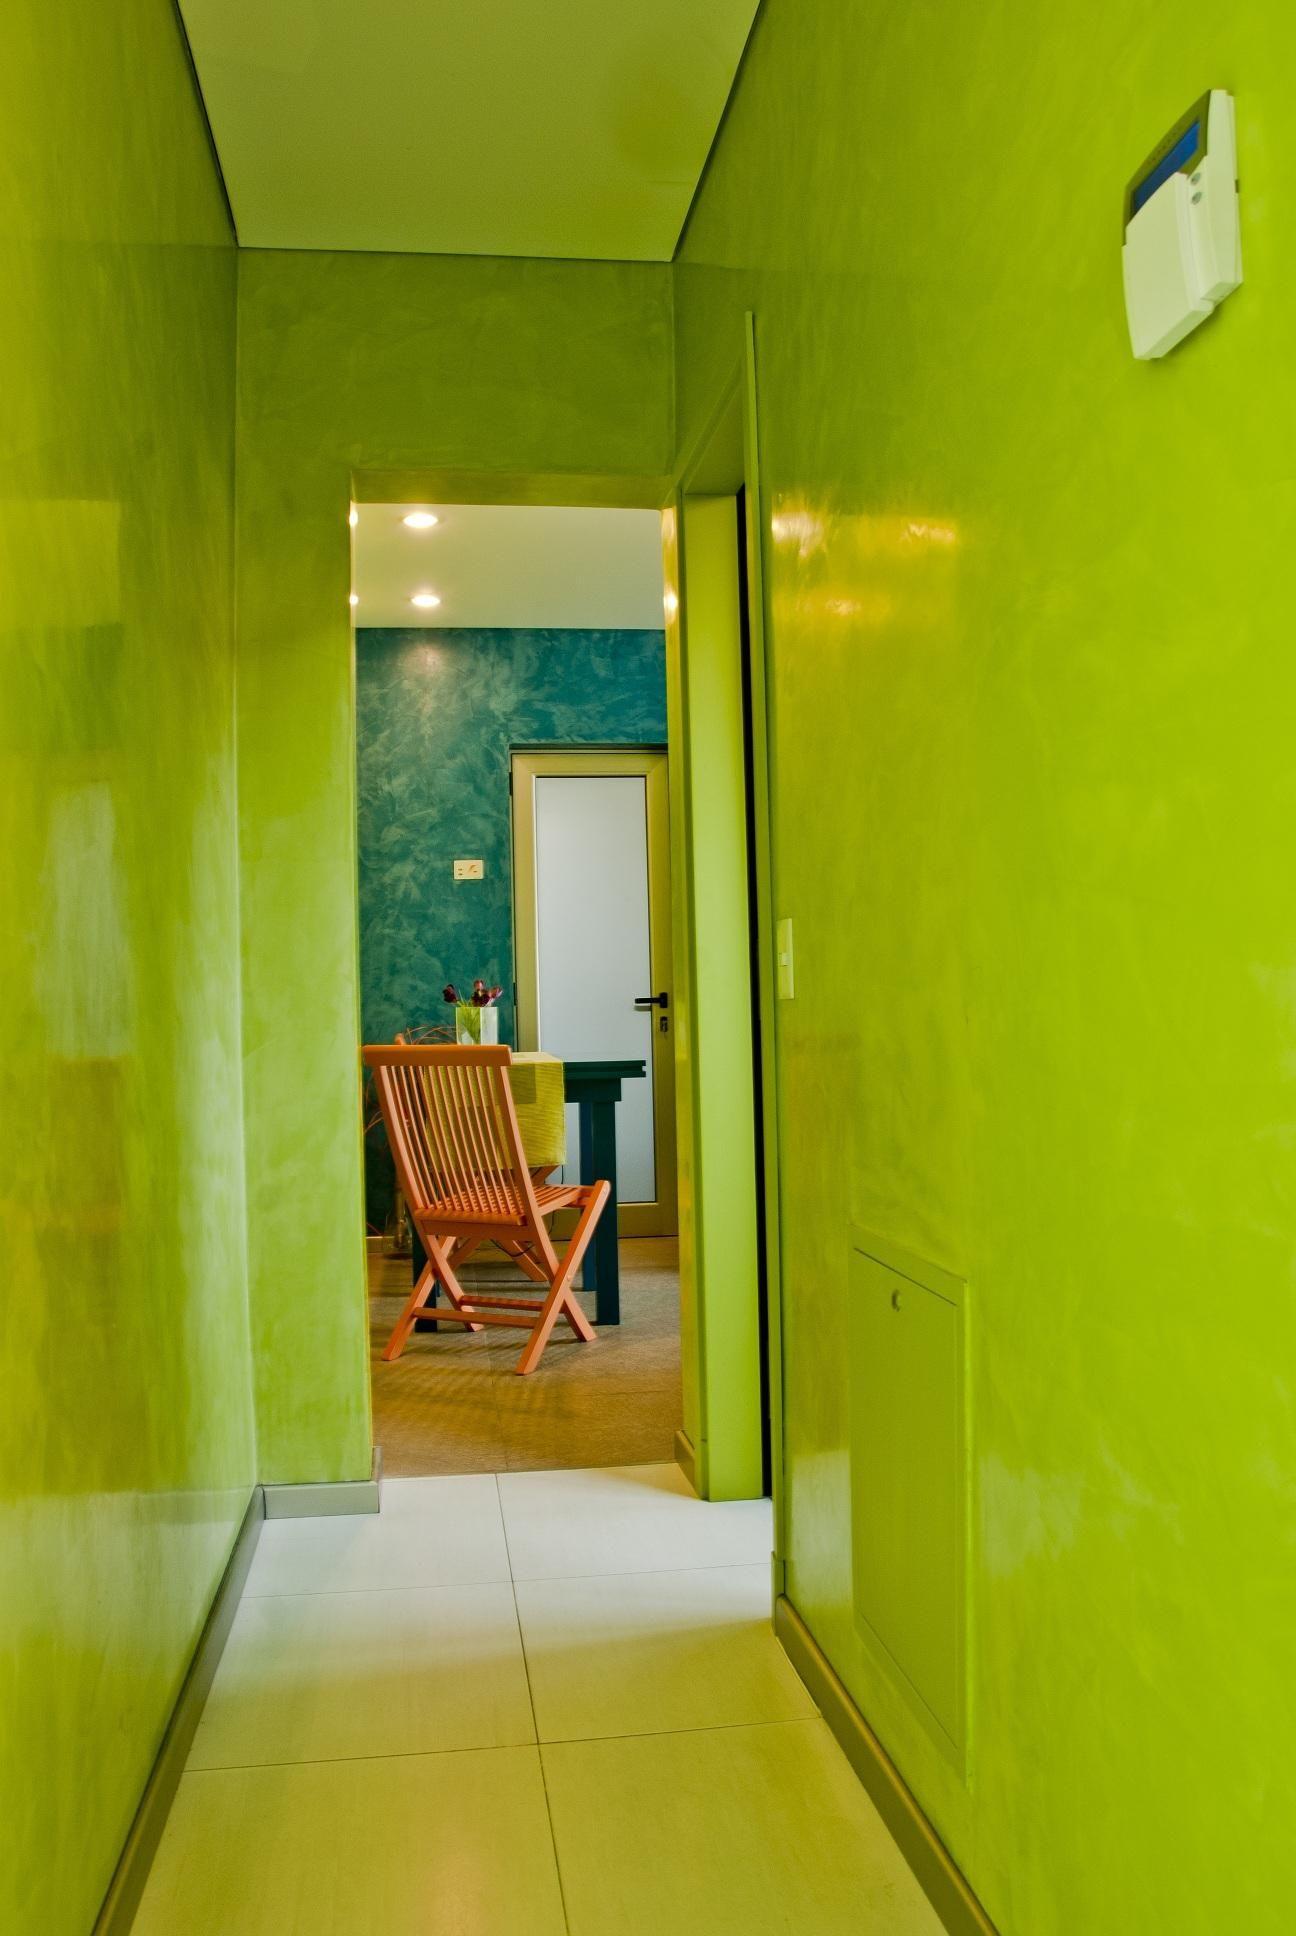 textura lisa y brillante en las paredes interiores de una